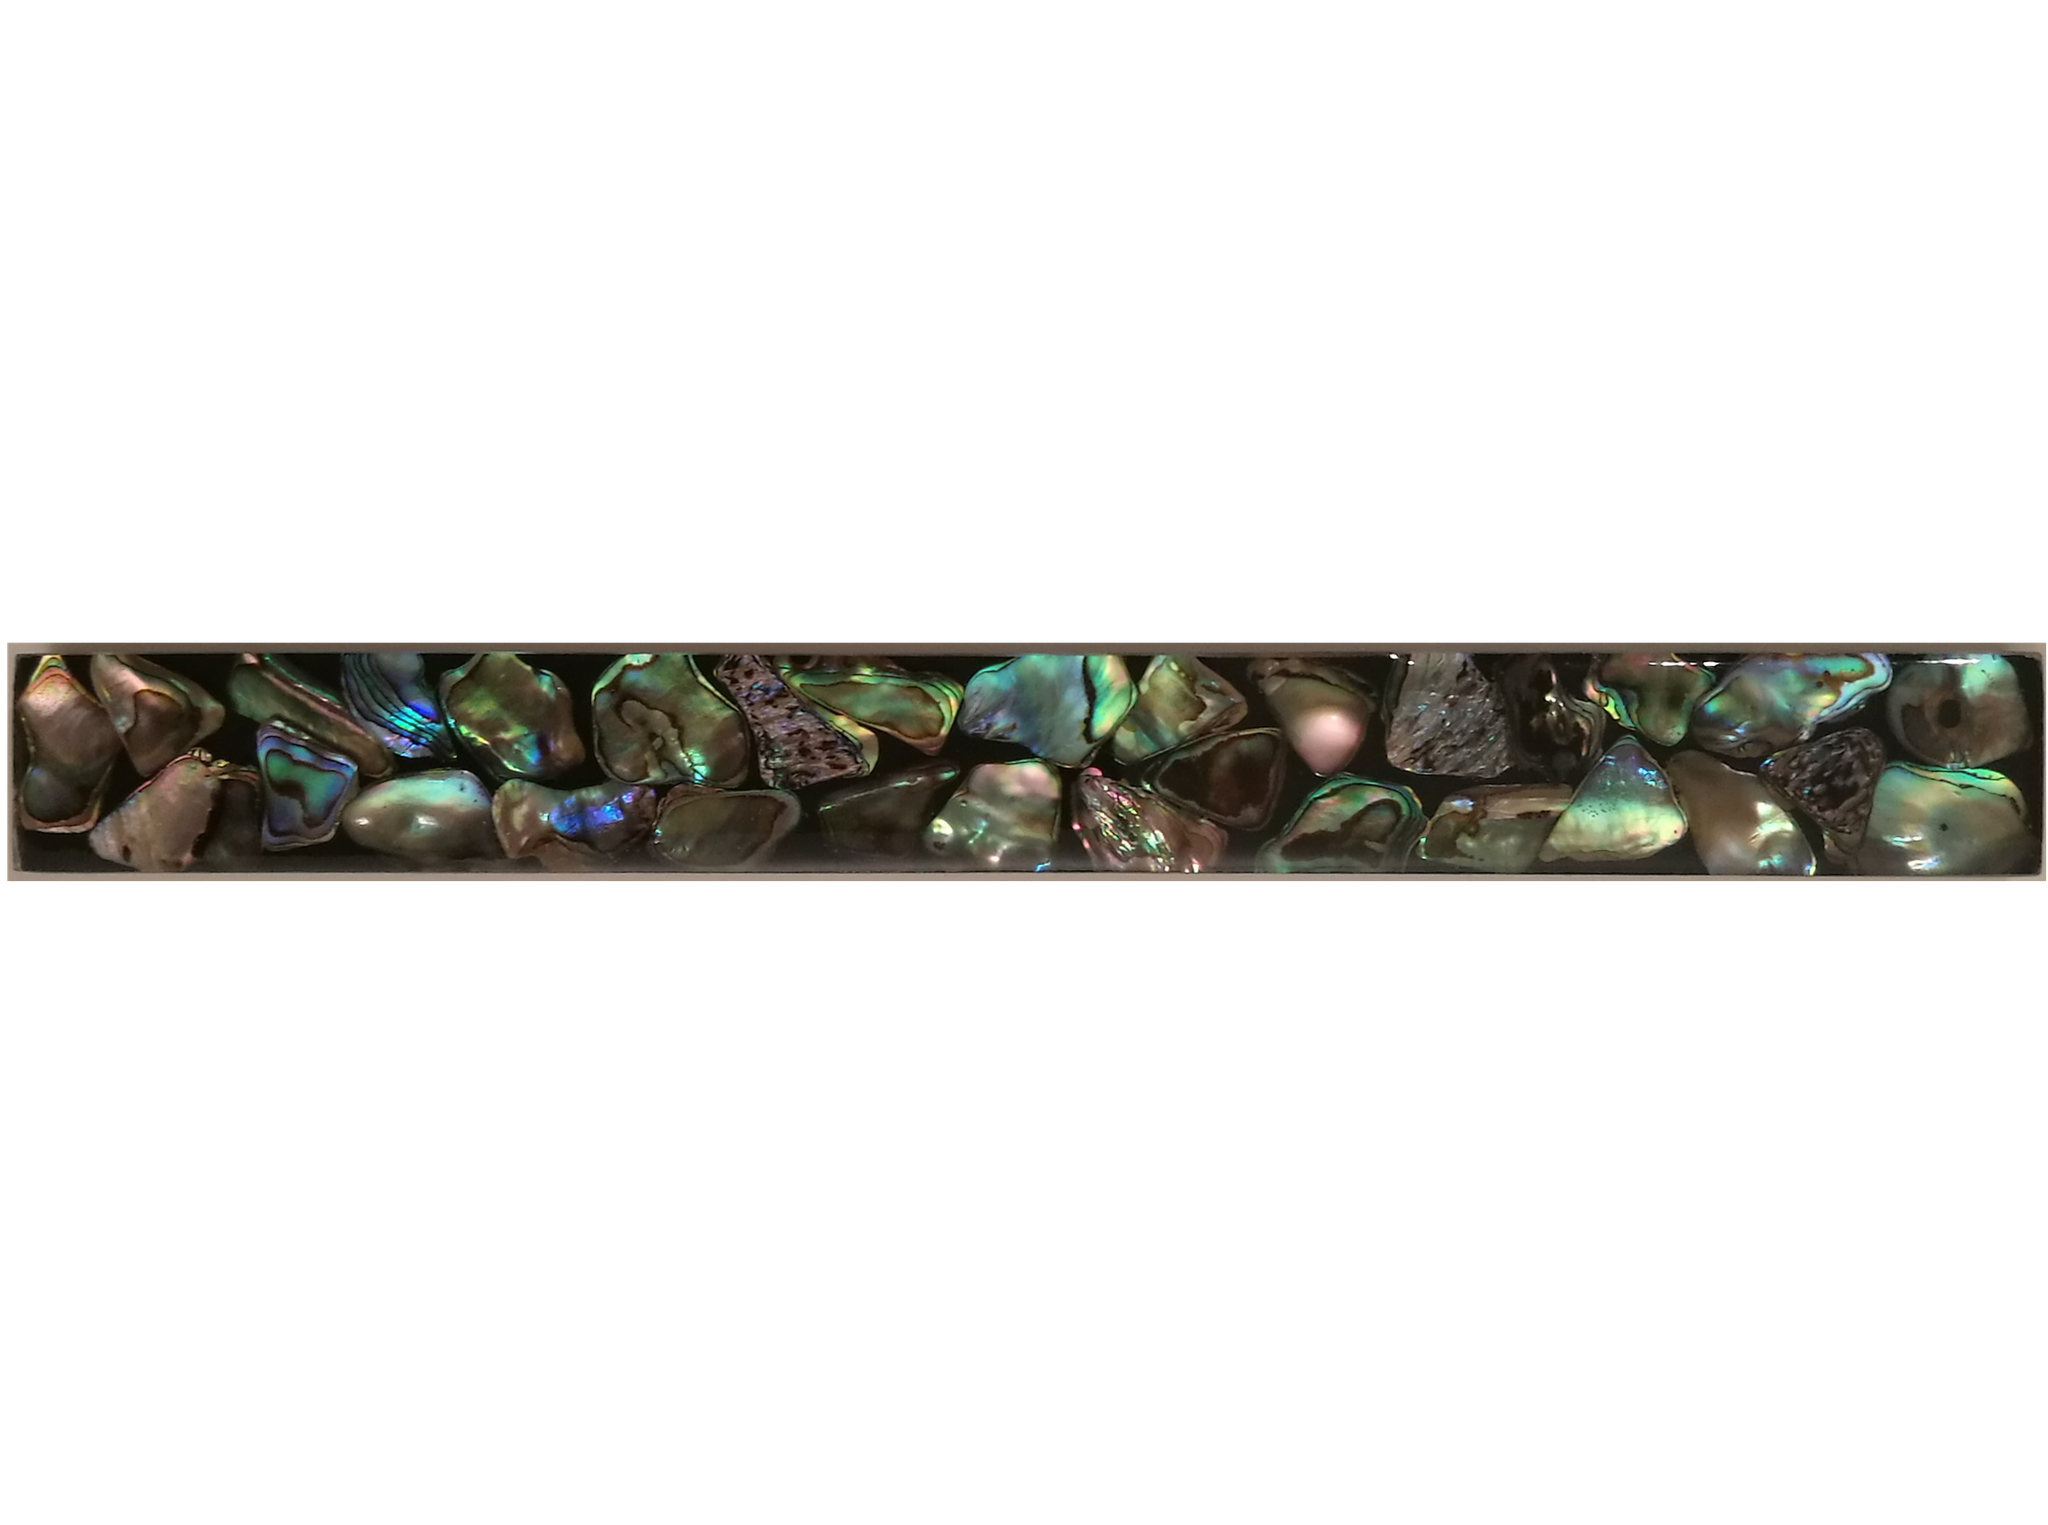 Muschelfliese 20x2,5cm